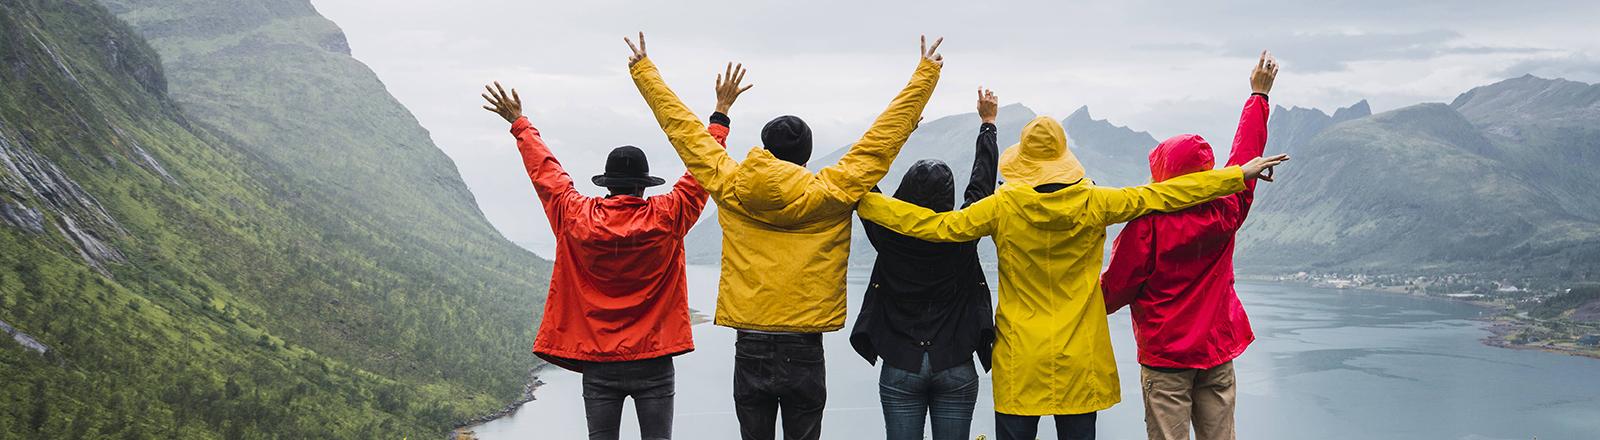 Eine Freundesgruppe im Urlaub